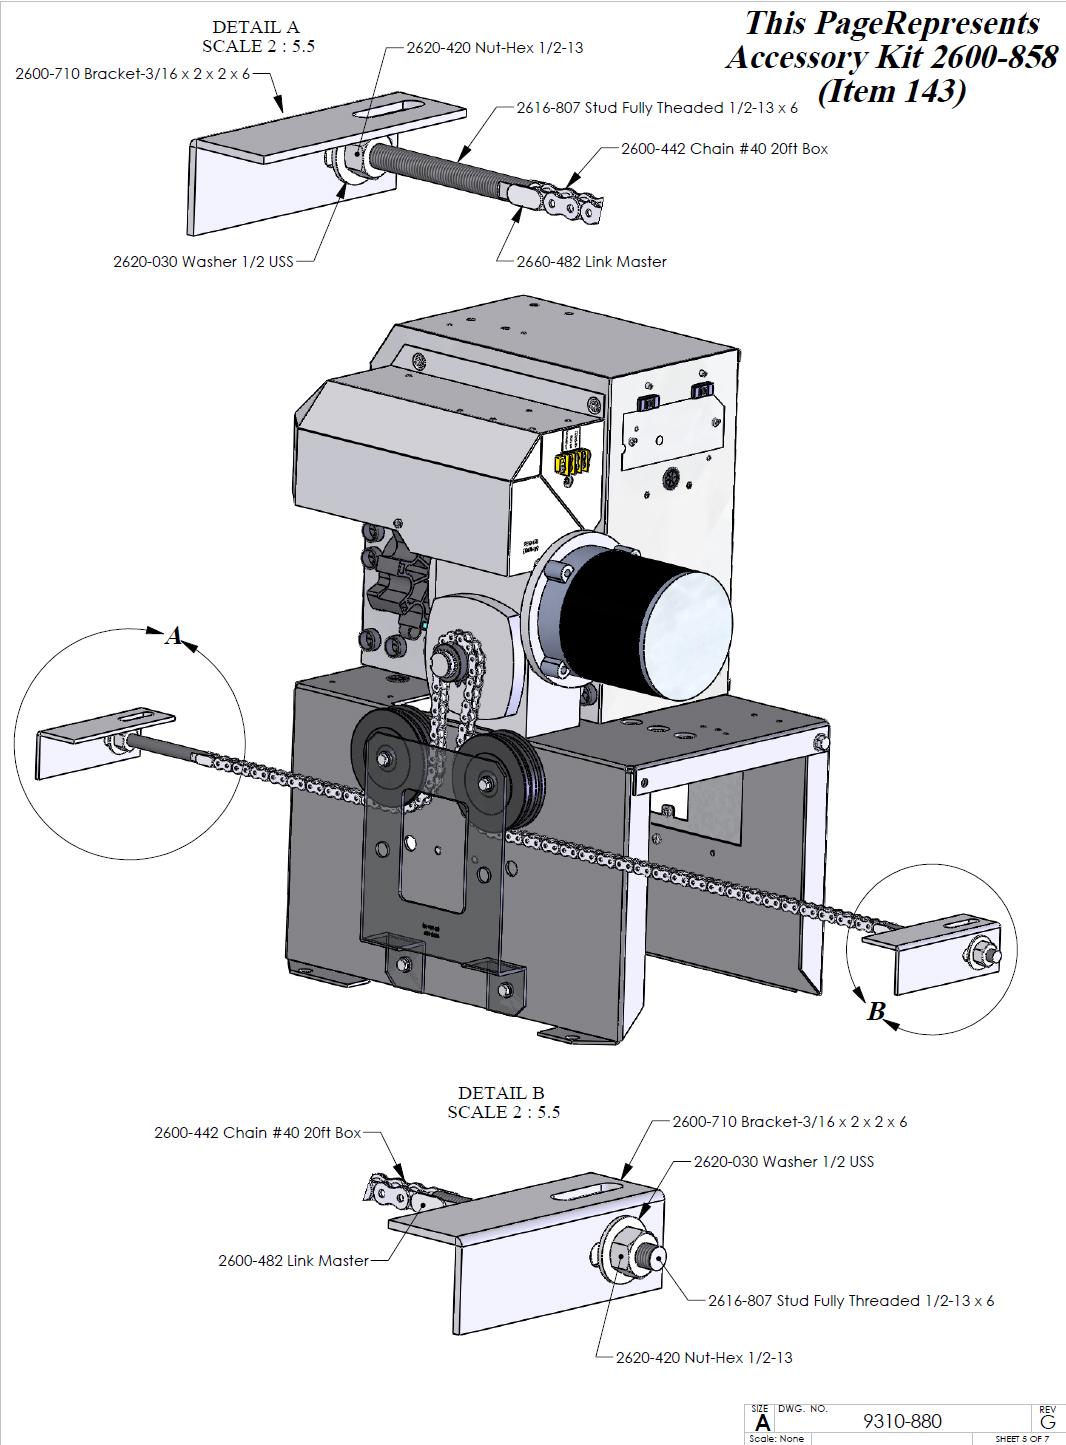 deere model 460 wiring diagram deere free printable wiring diagrams